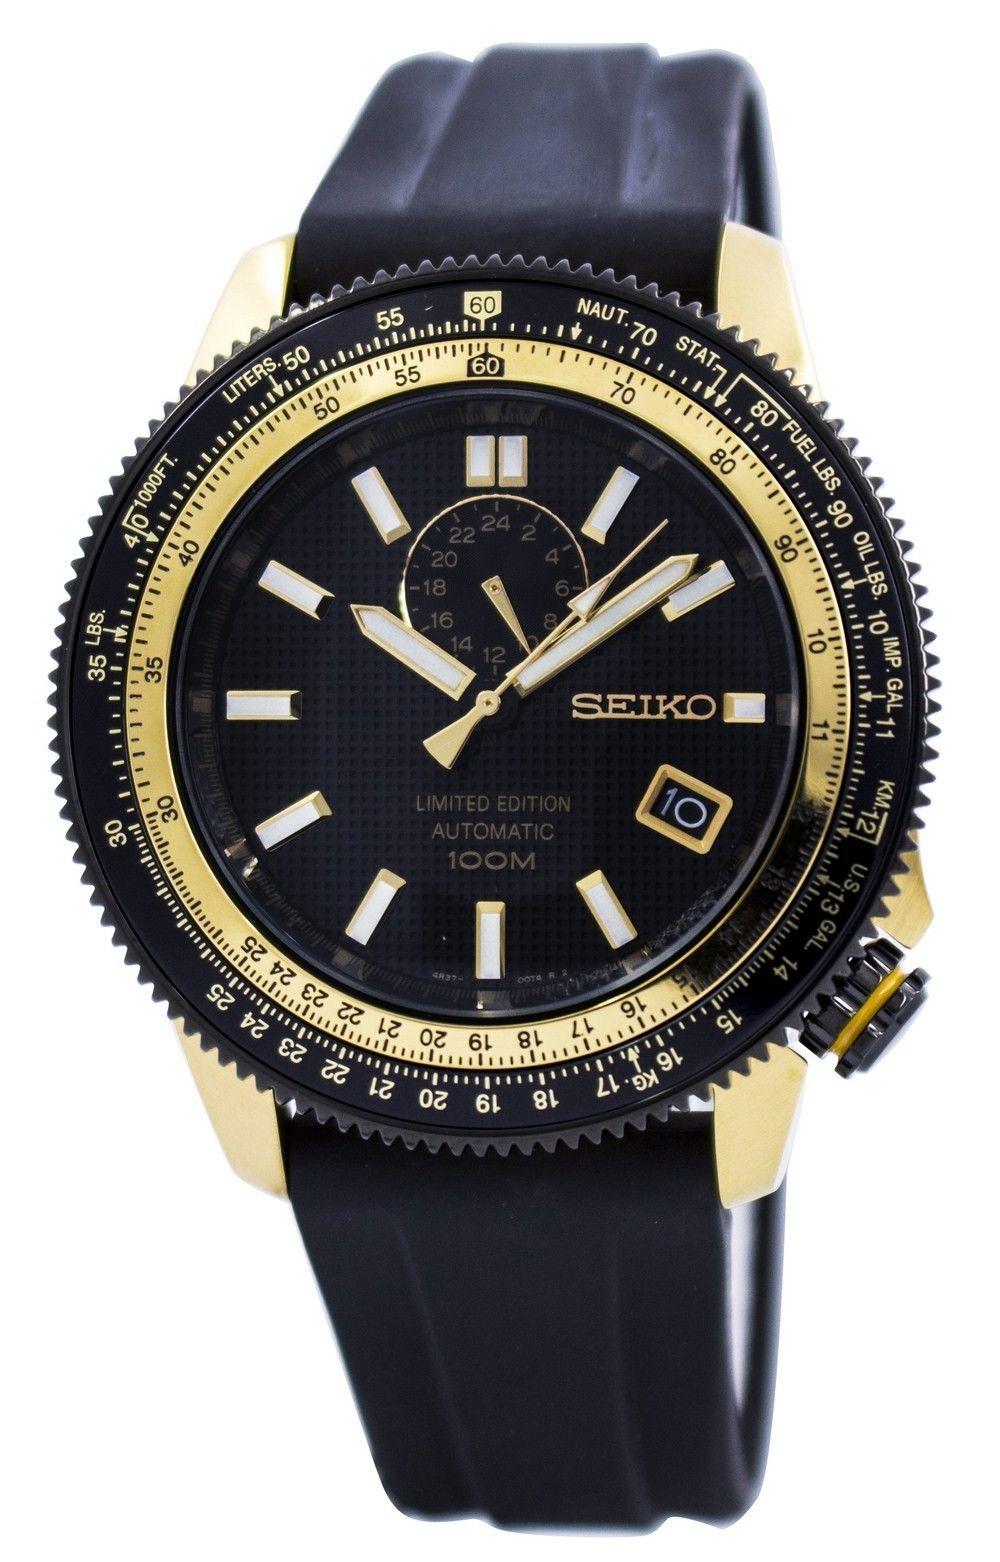 นาฬิกาผู้ชาย Seiko รุ่น SSA192K1, Superior Limited Edition Automatic